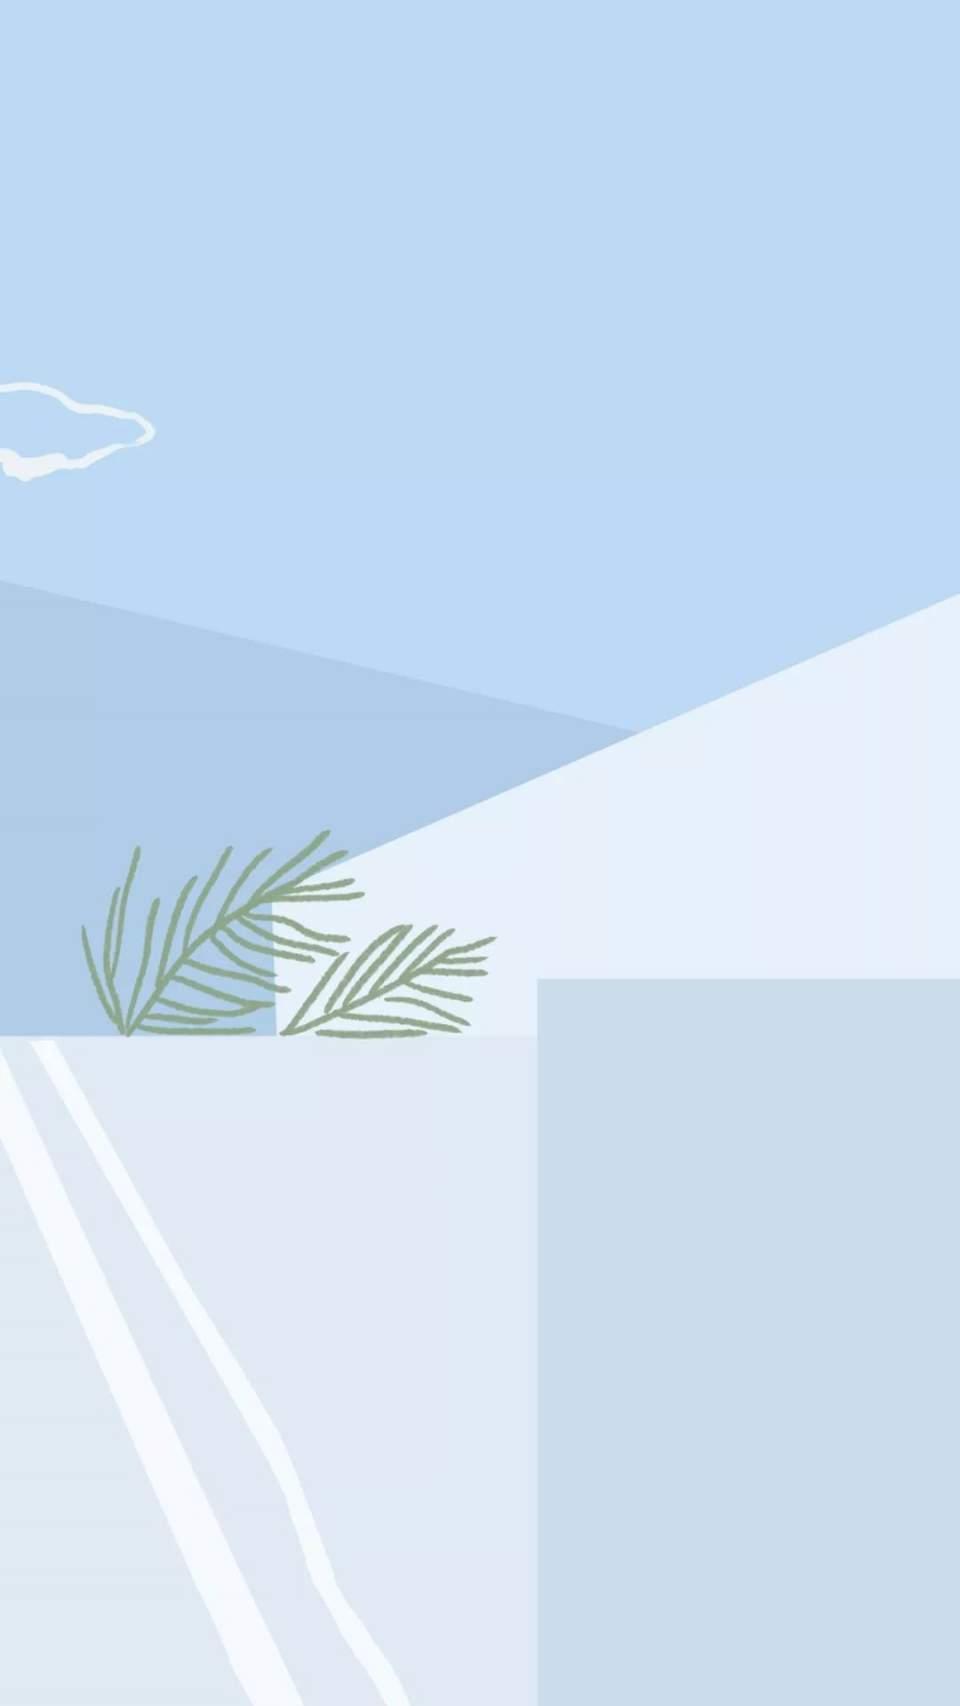 壁纸  蓝色手绘壁纸,治愈人心的力量